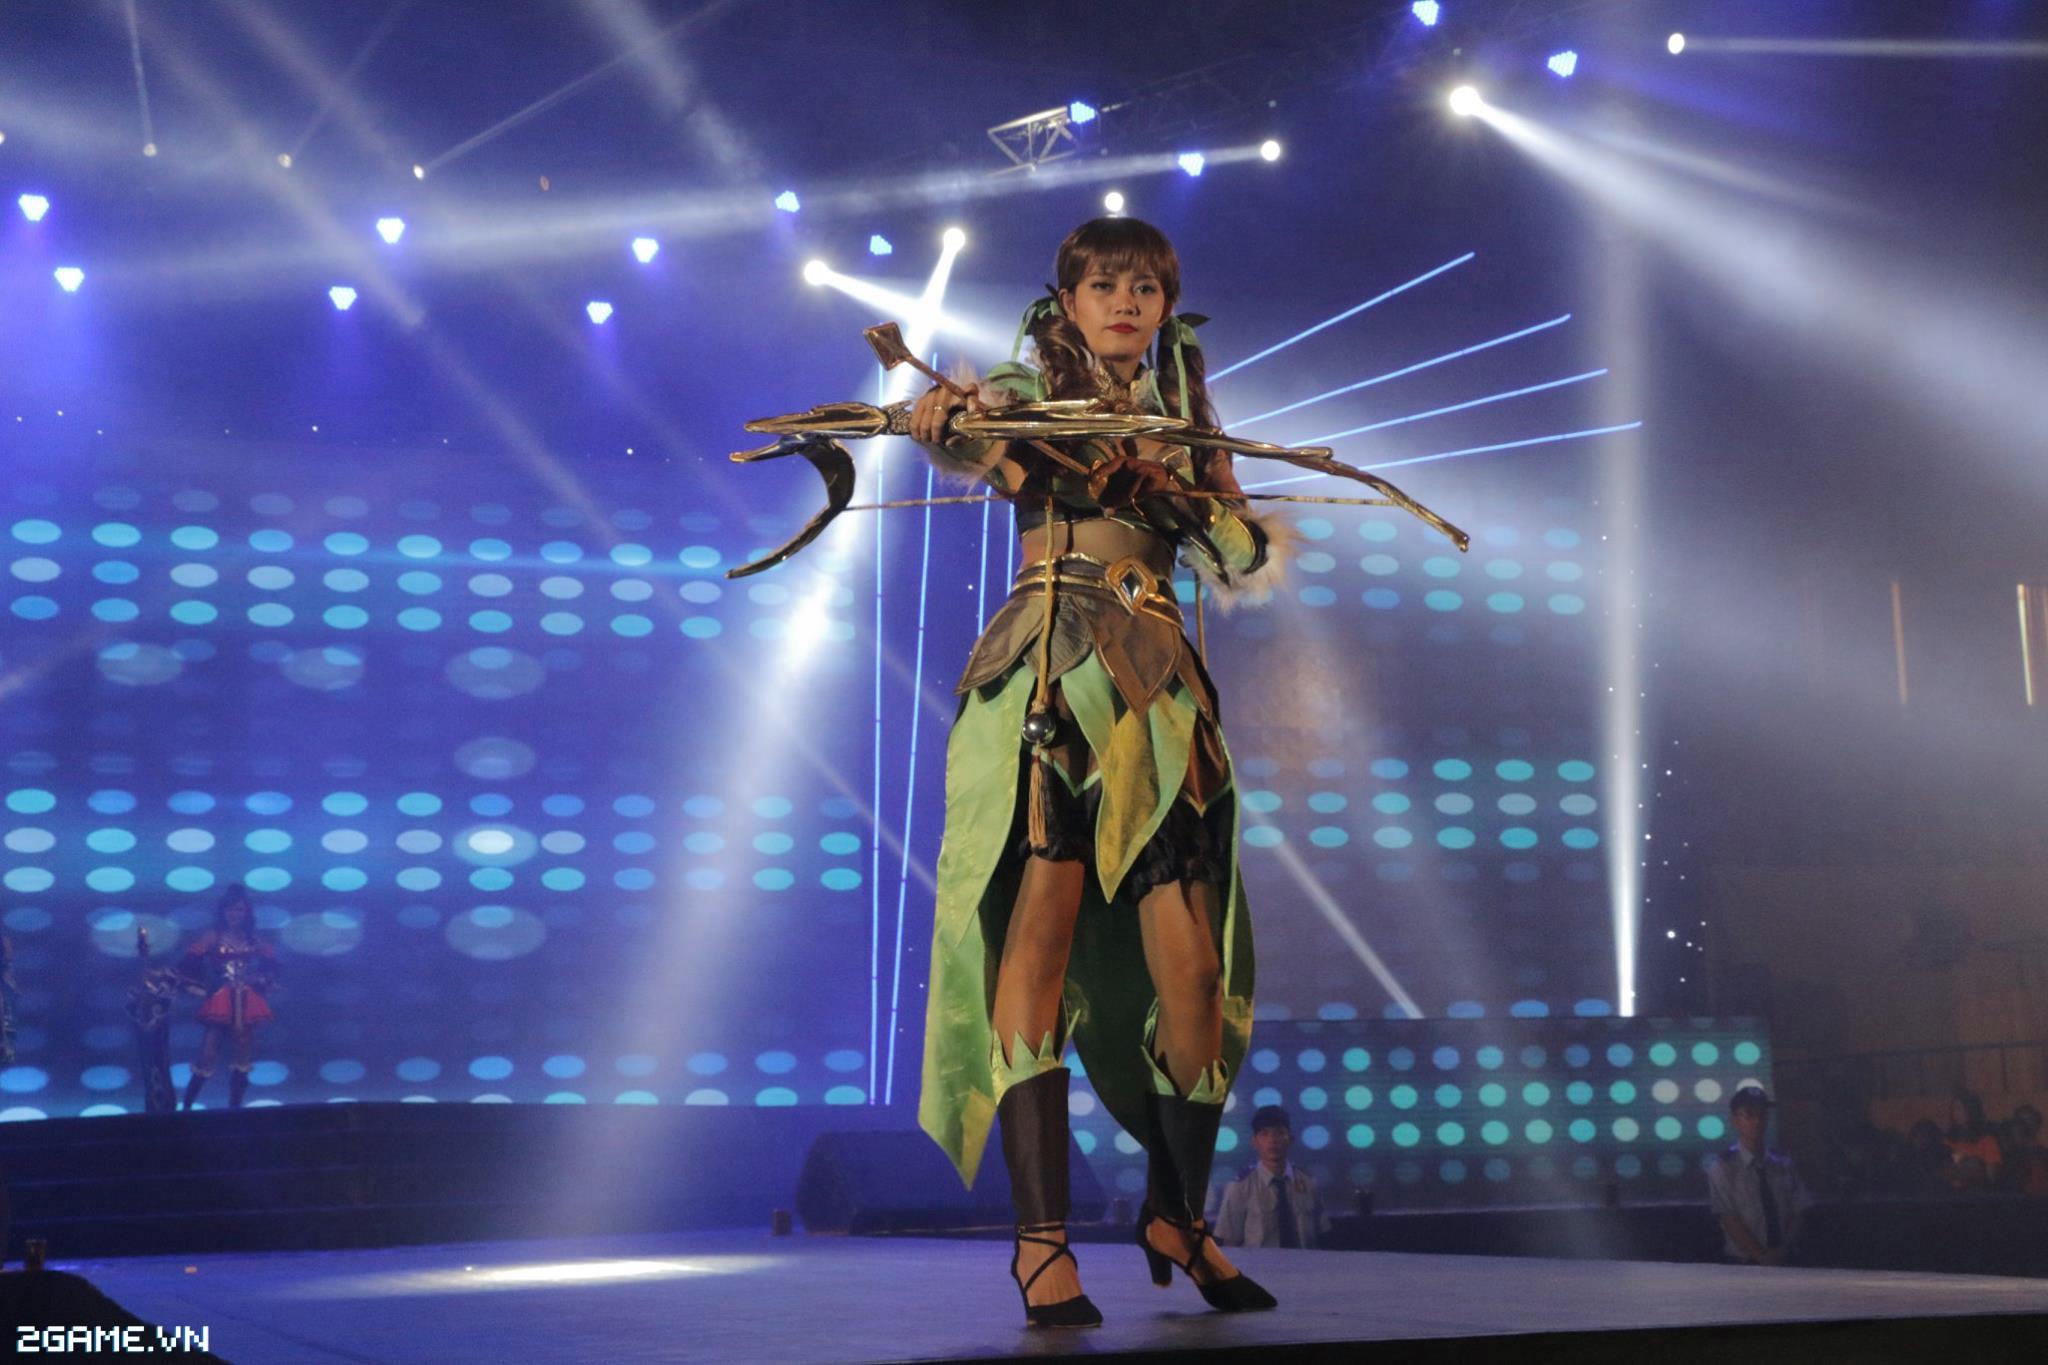 Điểm mặt các cosplay game xuất hiện tại Đại Hội 360mobi 2016 16